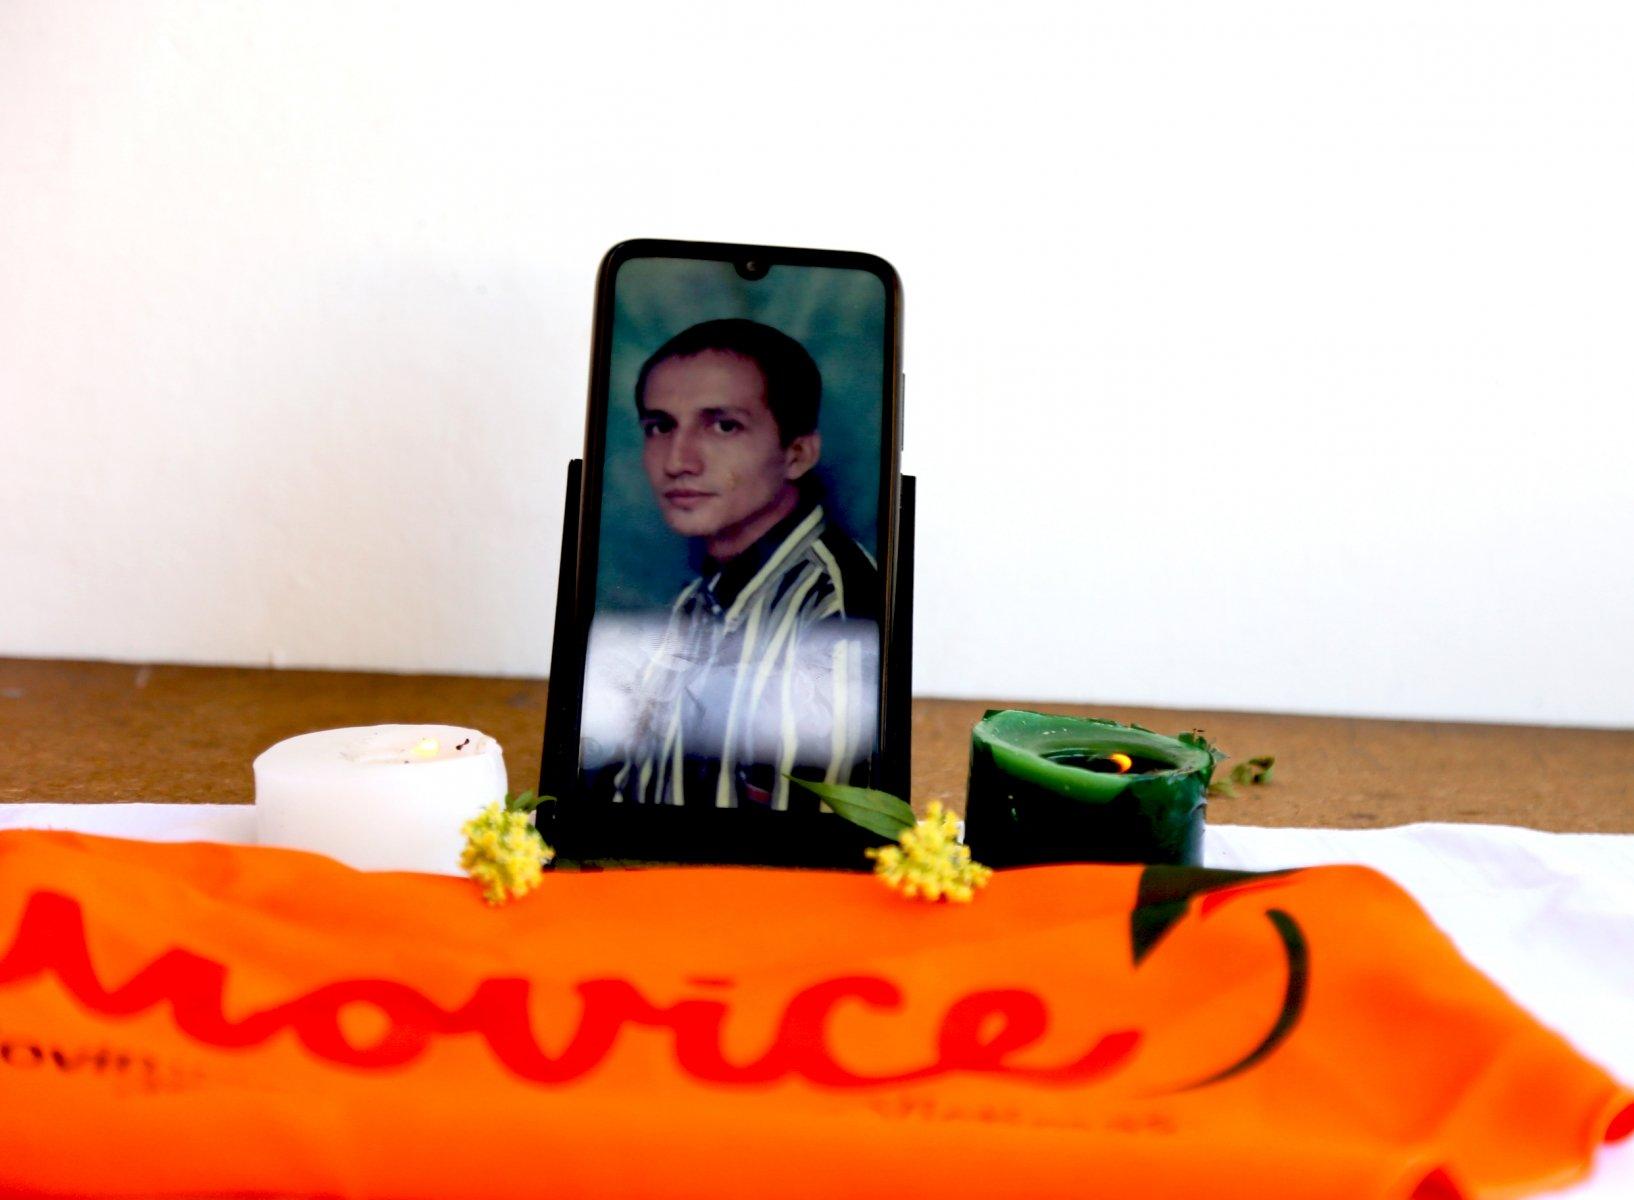 Ramiro de Jesús Parra: Desaparecido el 30 de Marzo de 1984 en Santander Edgar Valencia Chaverra: Desaparecido el 22 de diciembre de 2003 en Arauca